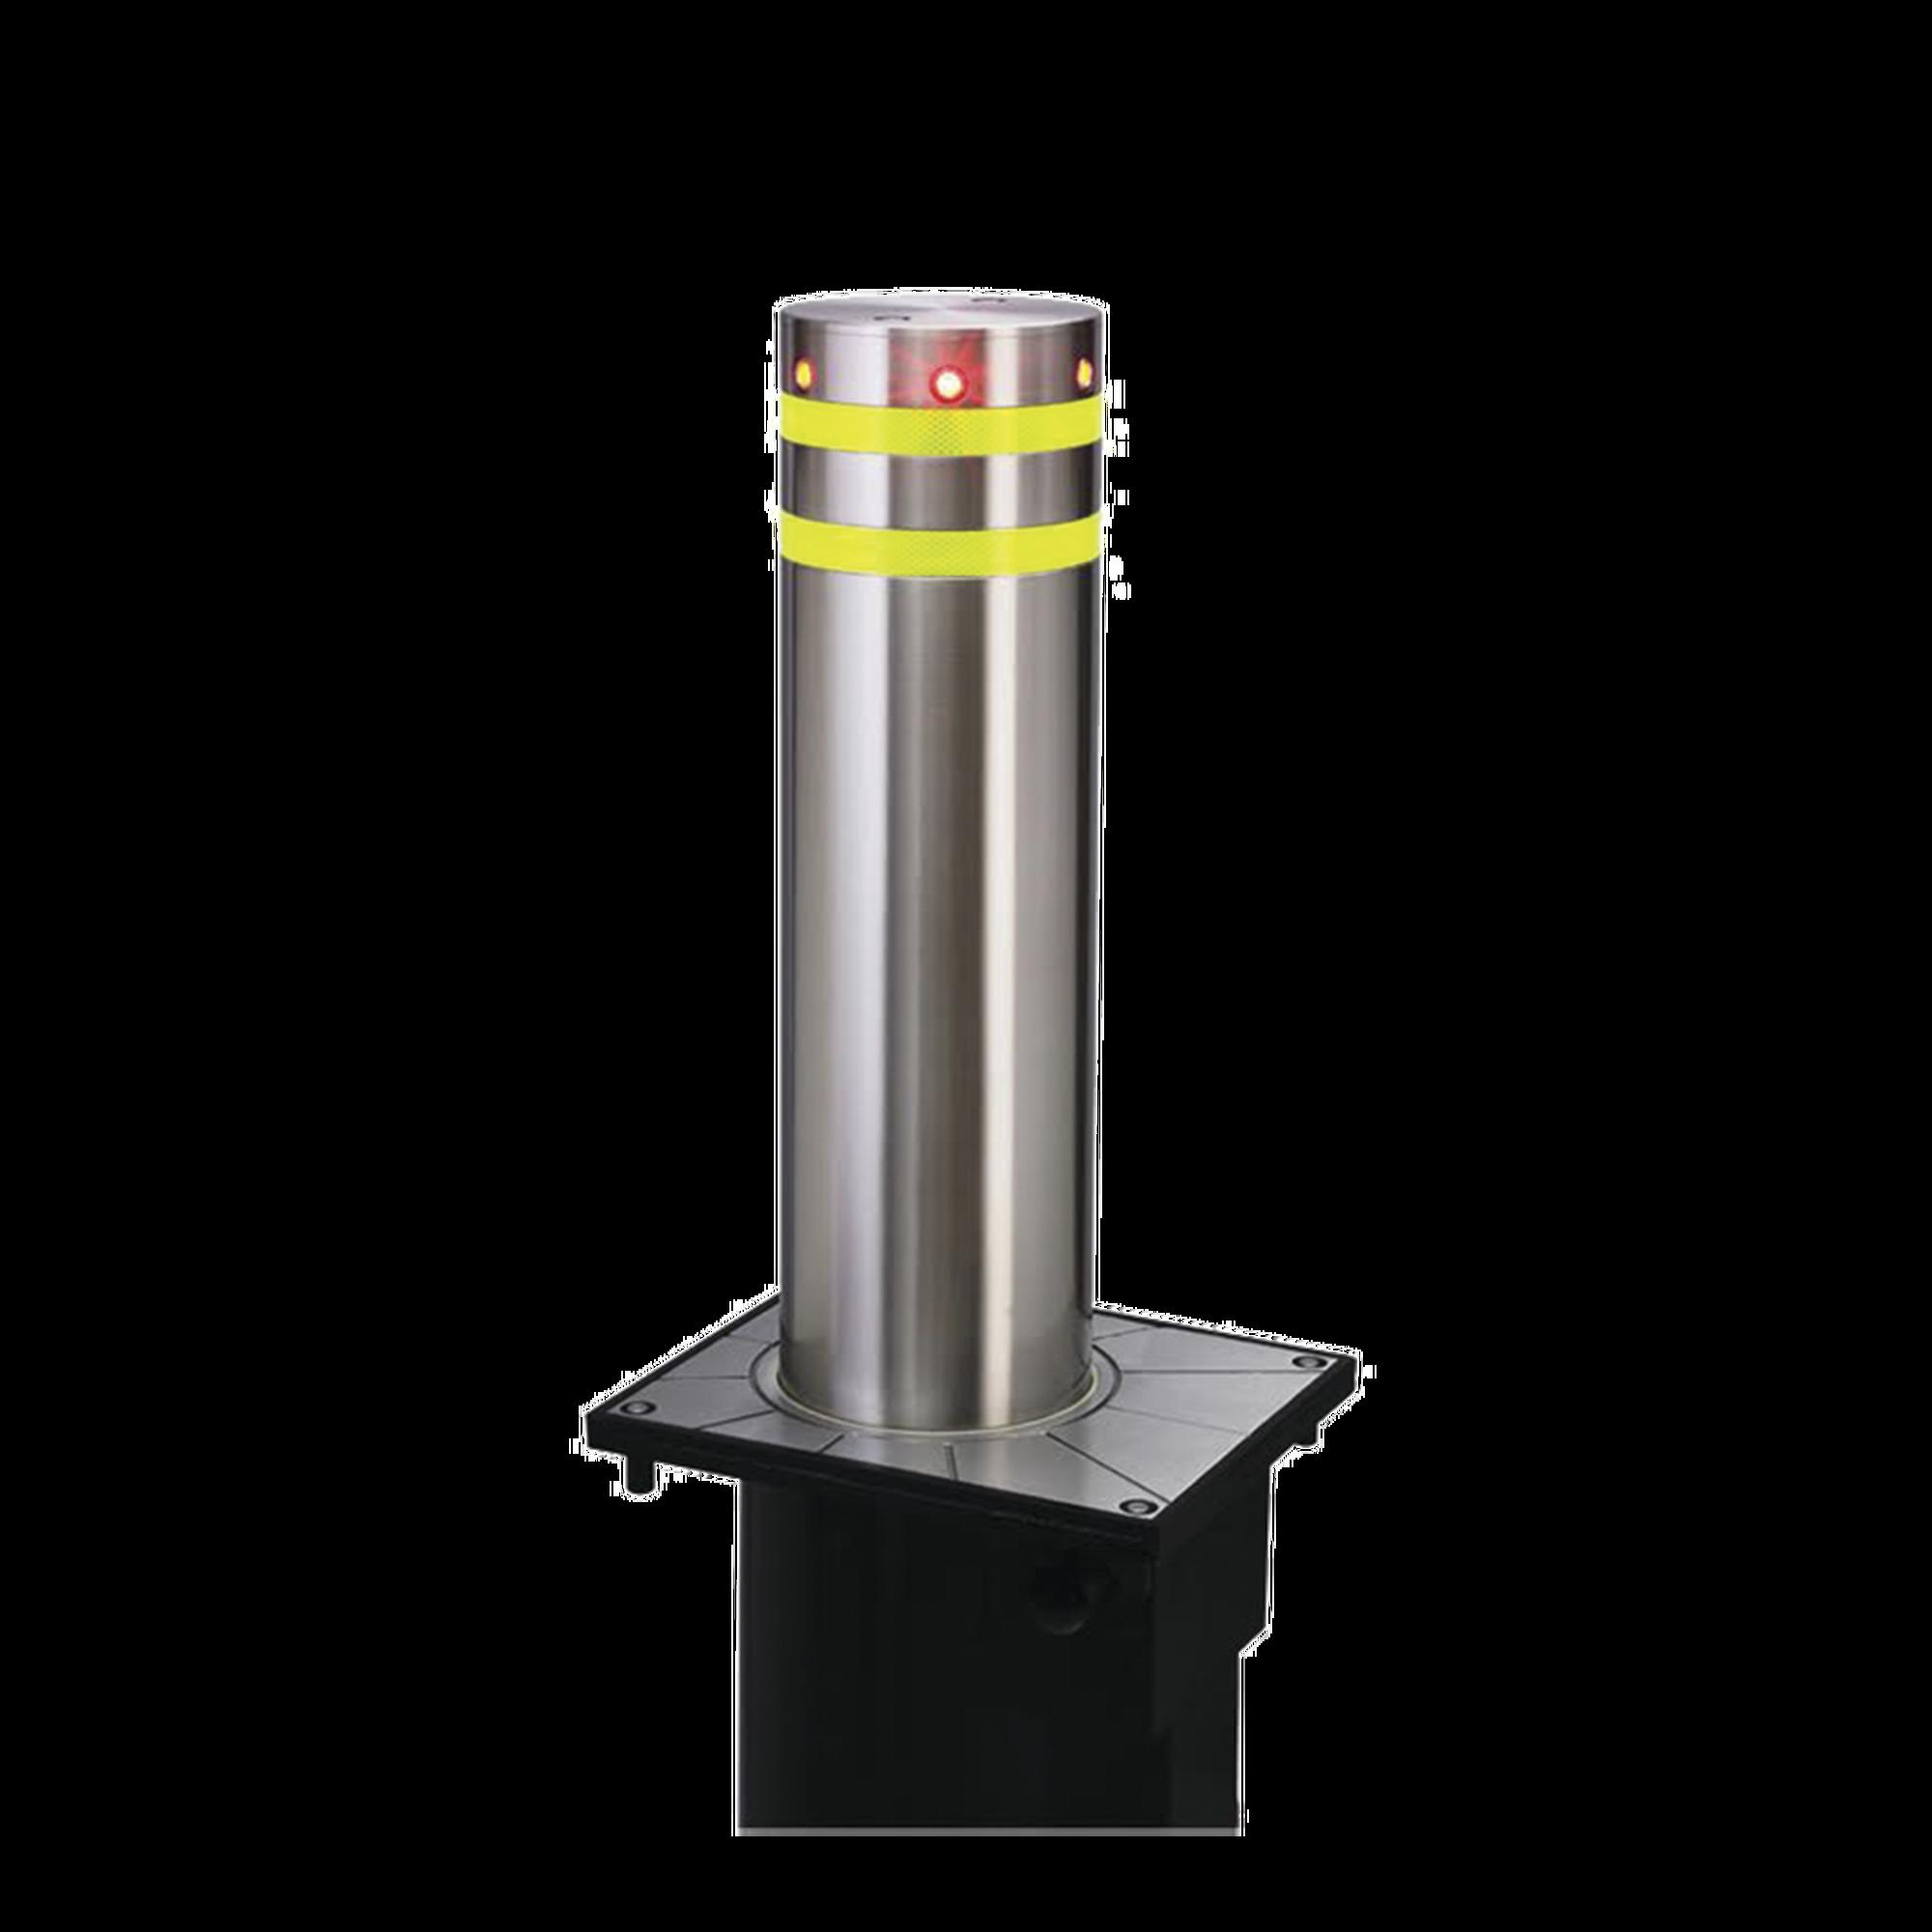 Pilona o Bolardo Neumático / 100% Acero Inoxidable / Alta Velocidad / 275MM Diámetro / Acabado de Lujo